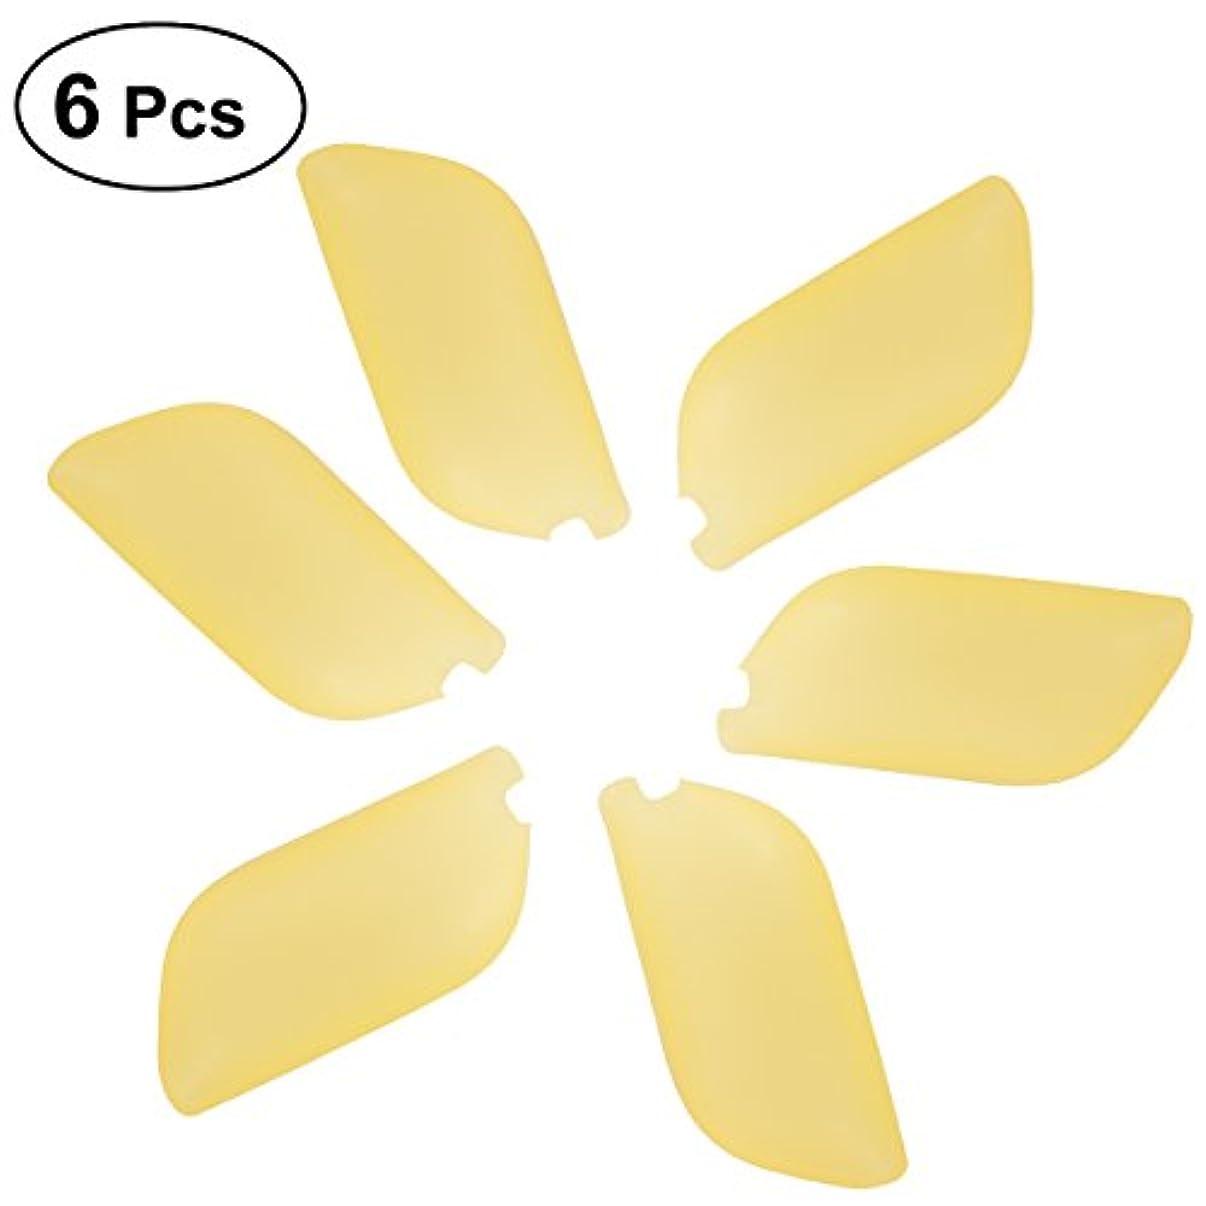 シリングの頭の上概念HEALLILYシリコン歯ブラシヘッドカバーホルダー歯ブラシ保護カバー保護ケース用歯ブラシ6本